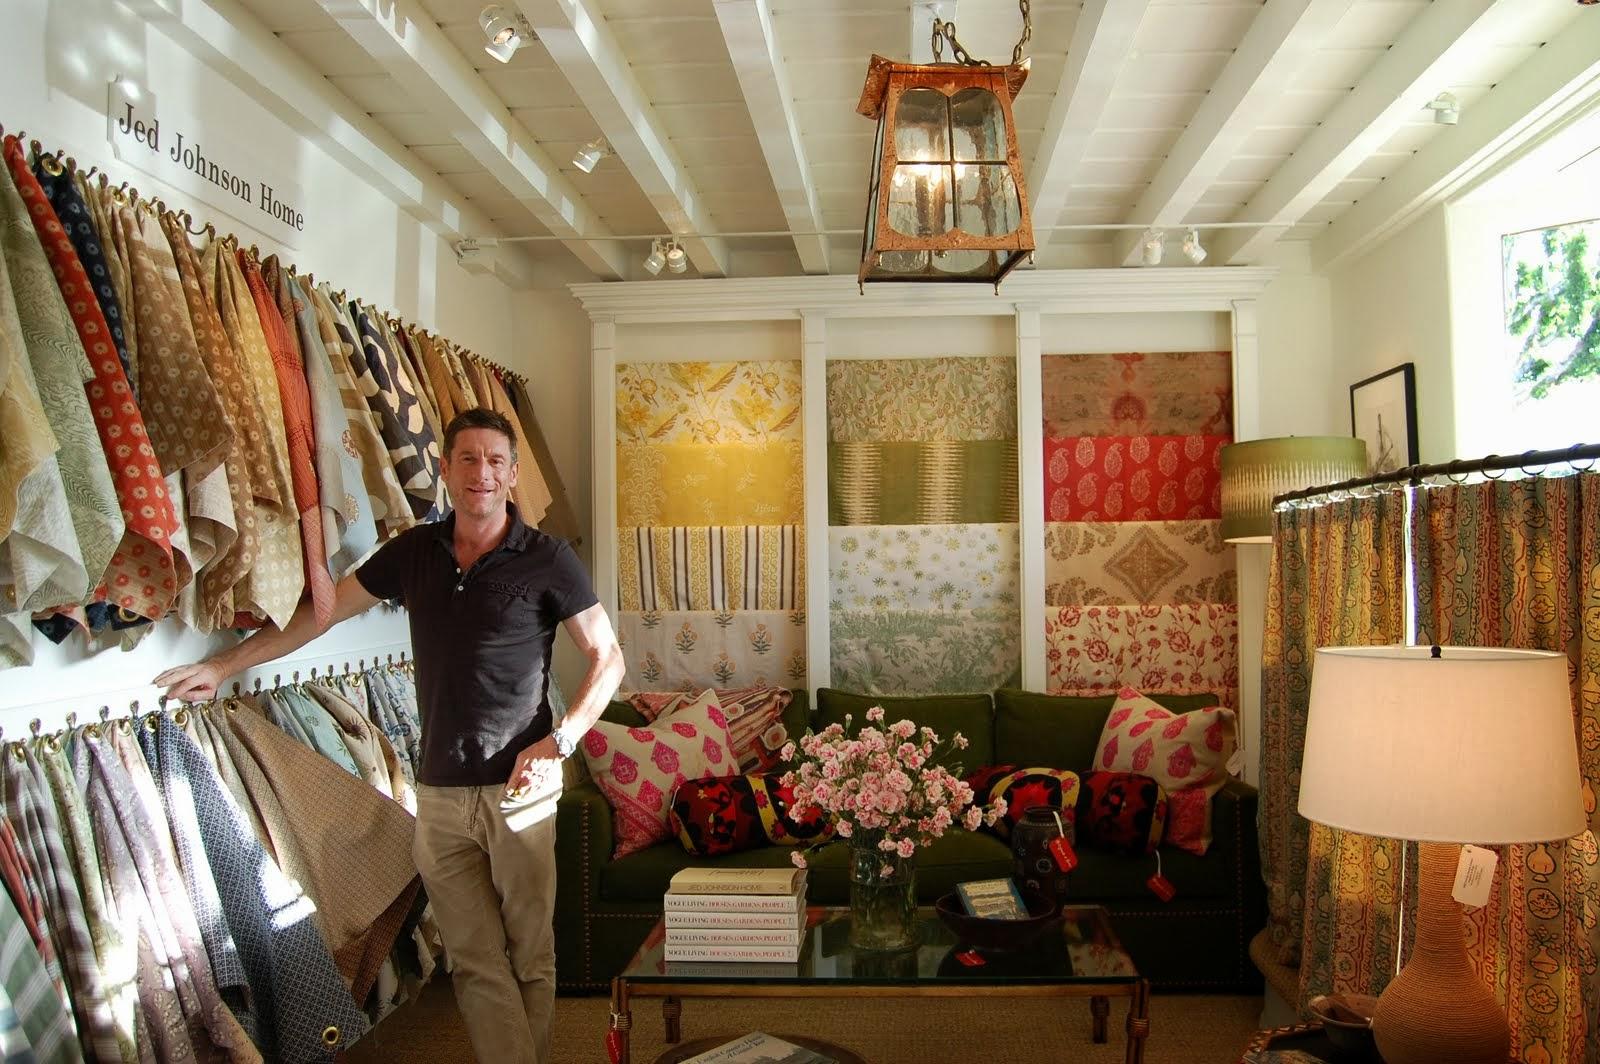 Peter Dunham Hollywood At Home